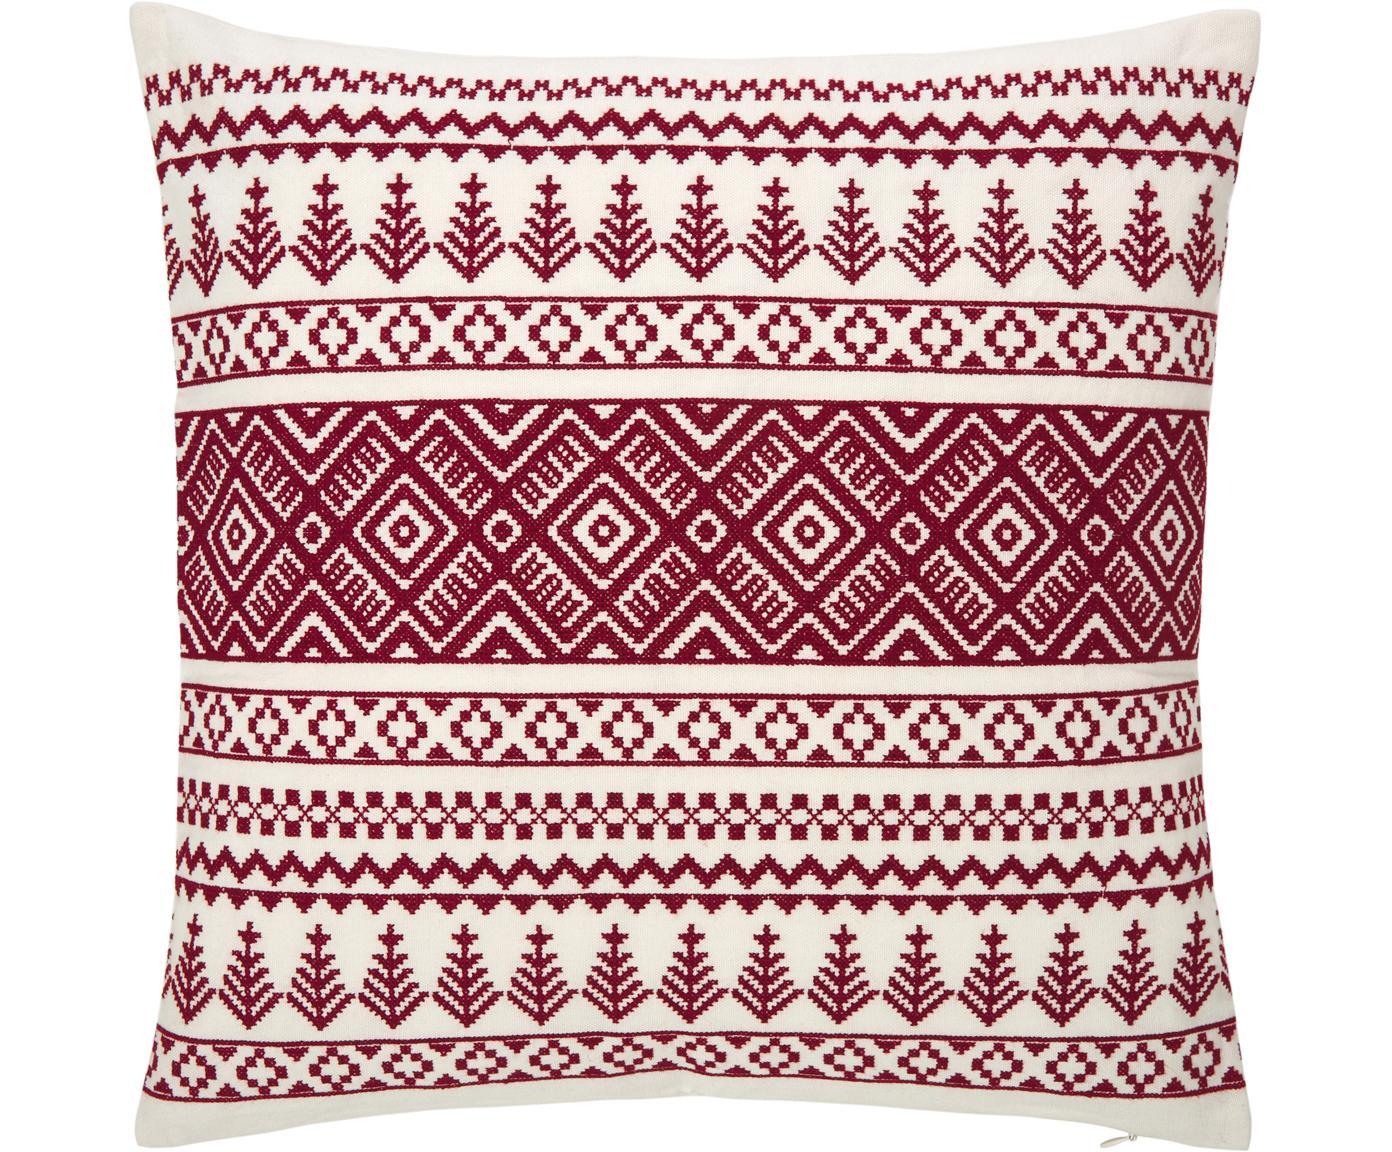 Federa arredo con motivo invernale Islay, 100% cotone, Rosso, crema, Larg. 45 x Lung. 45 cm